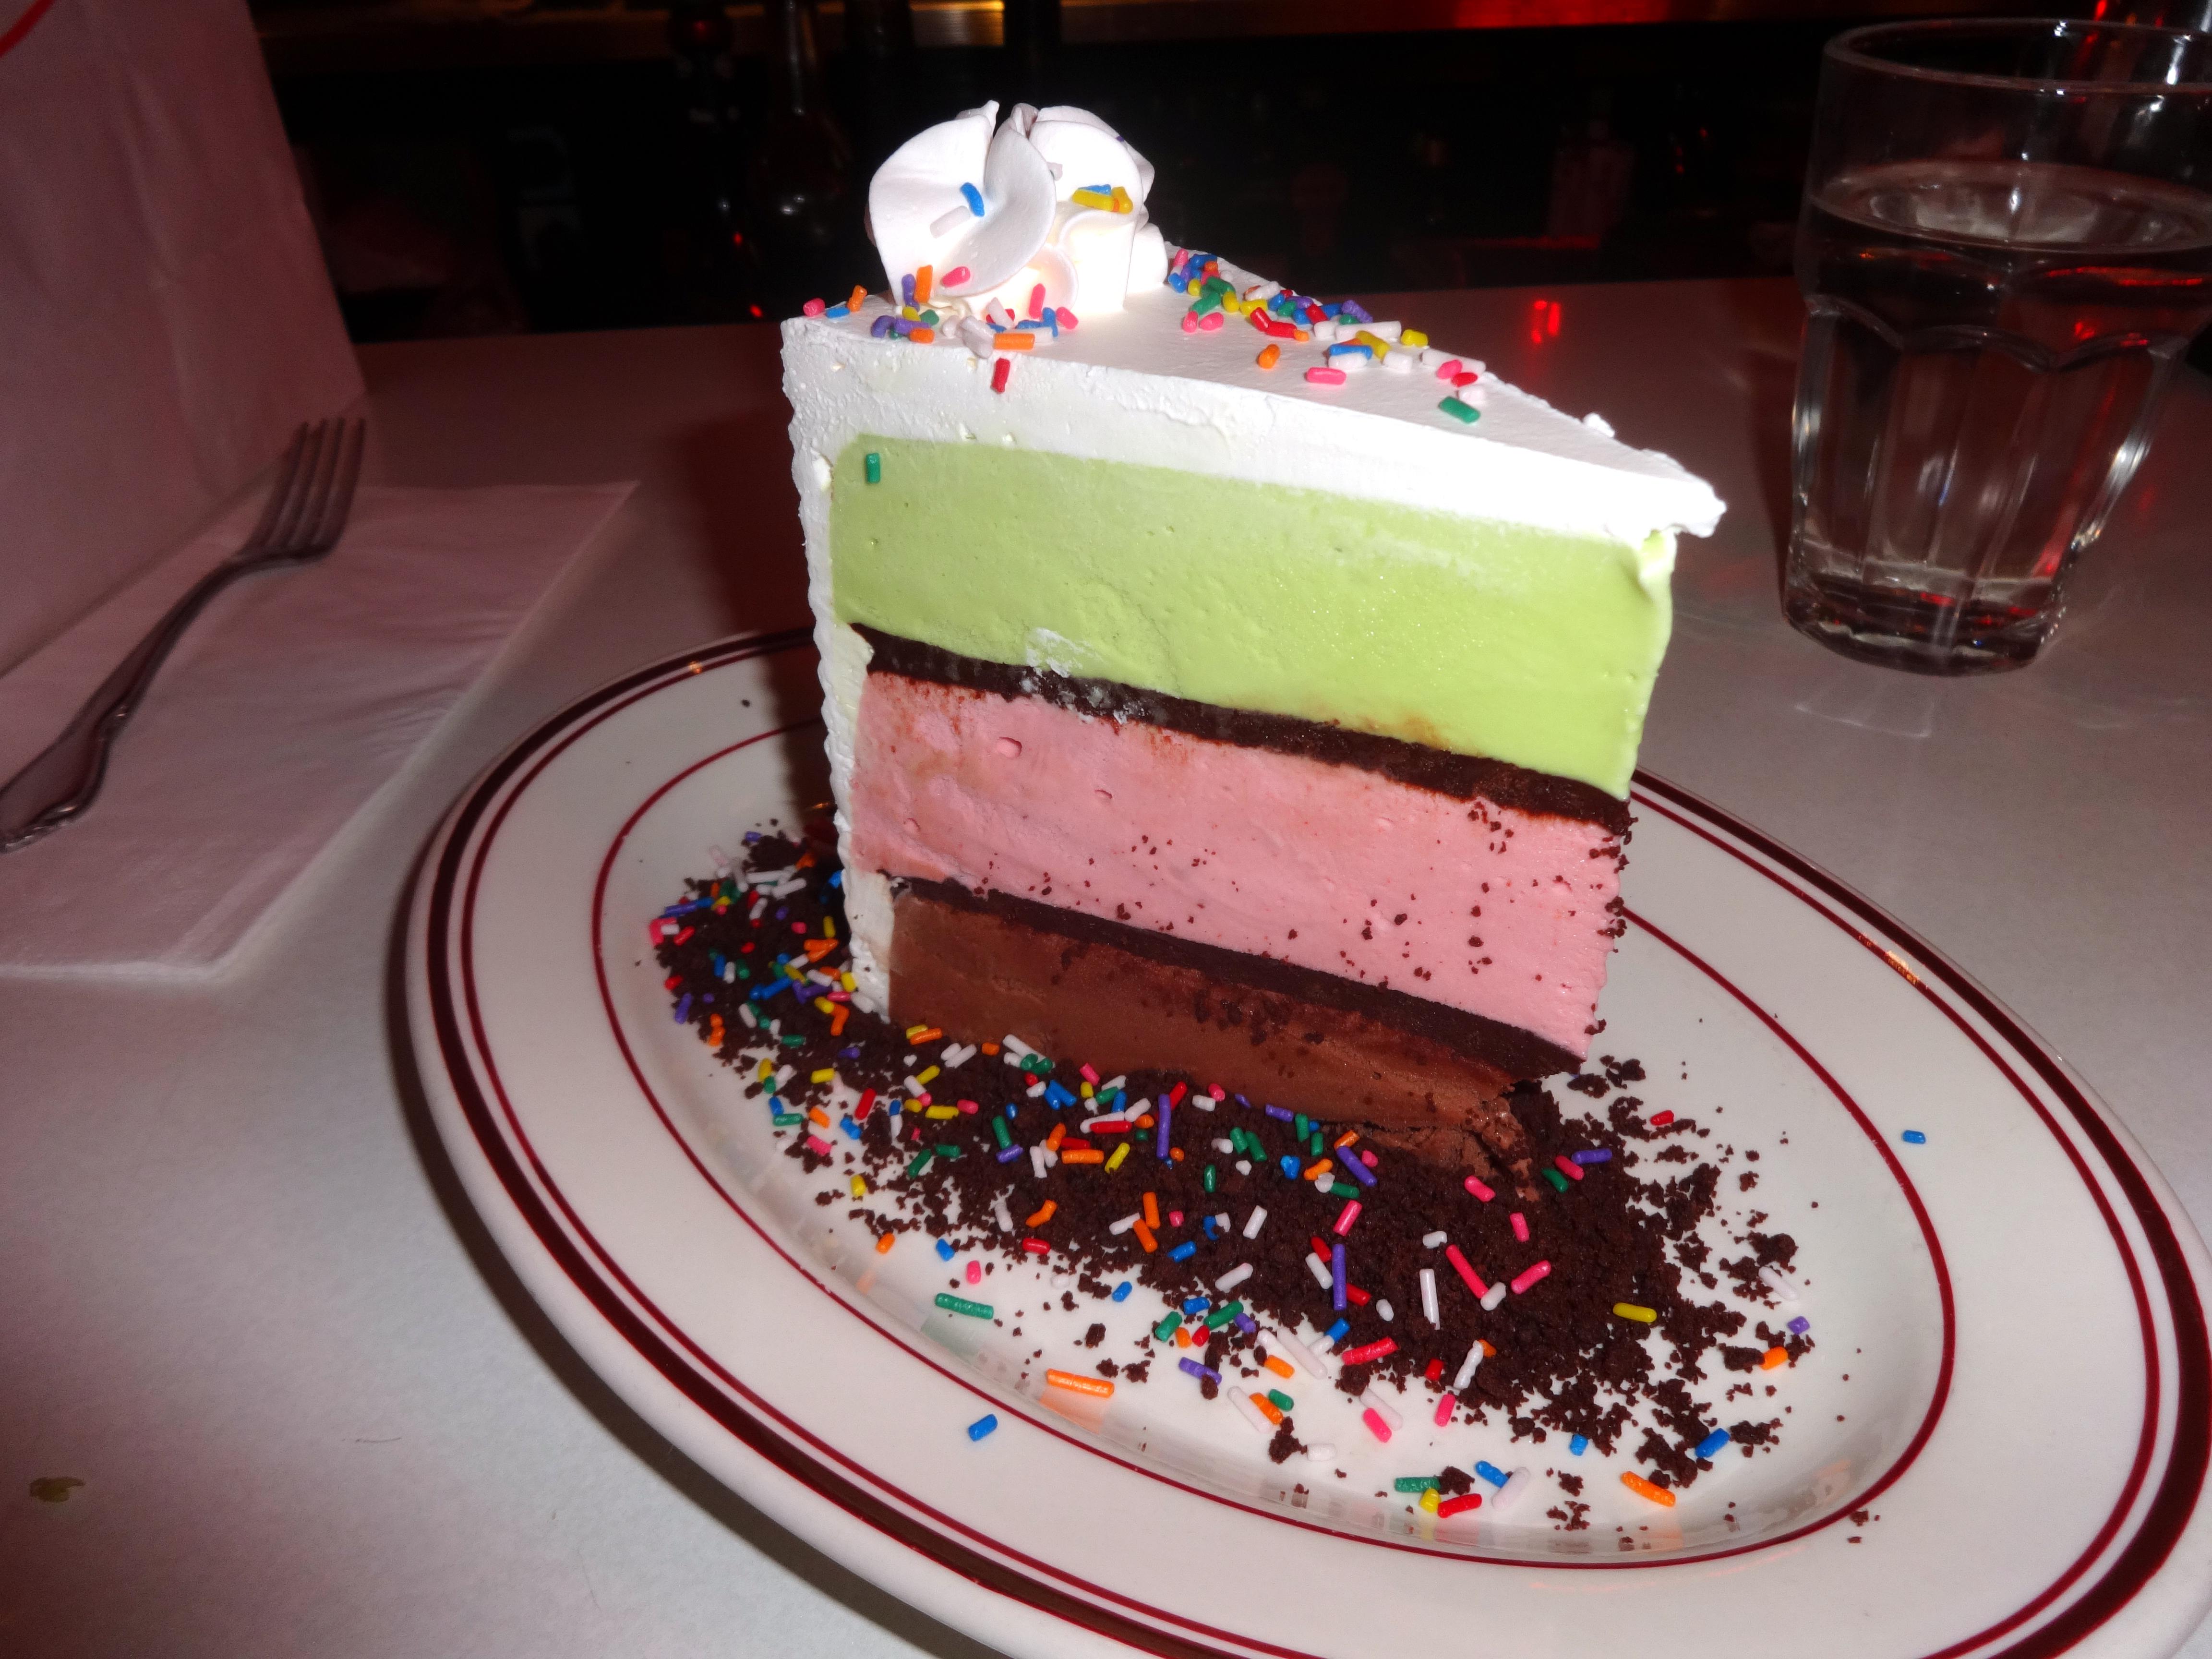 Parm ice cream cake